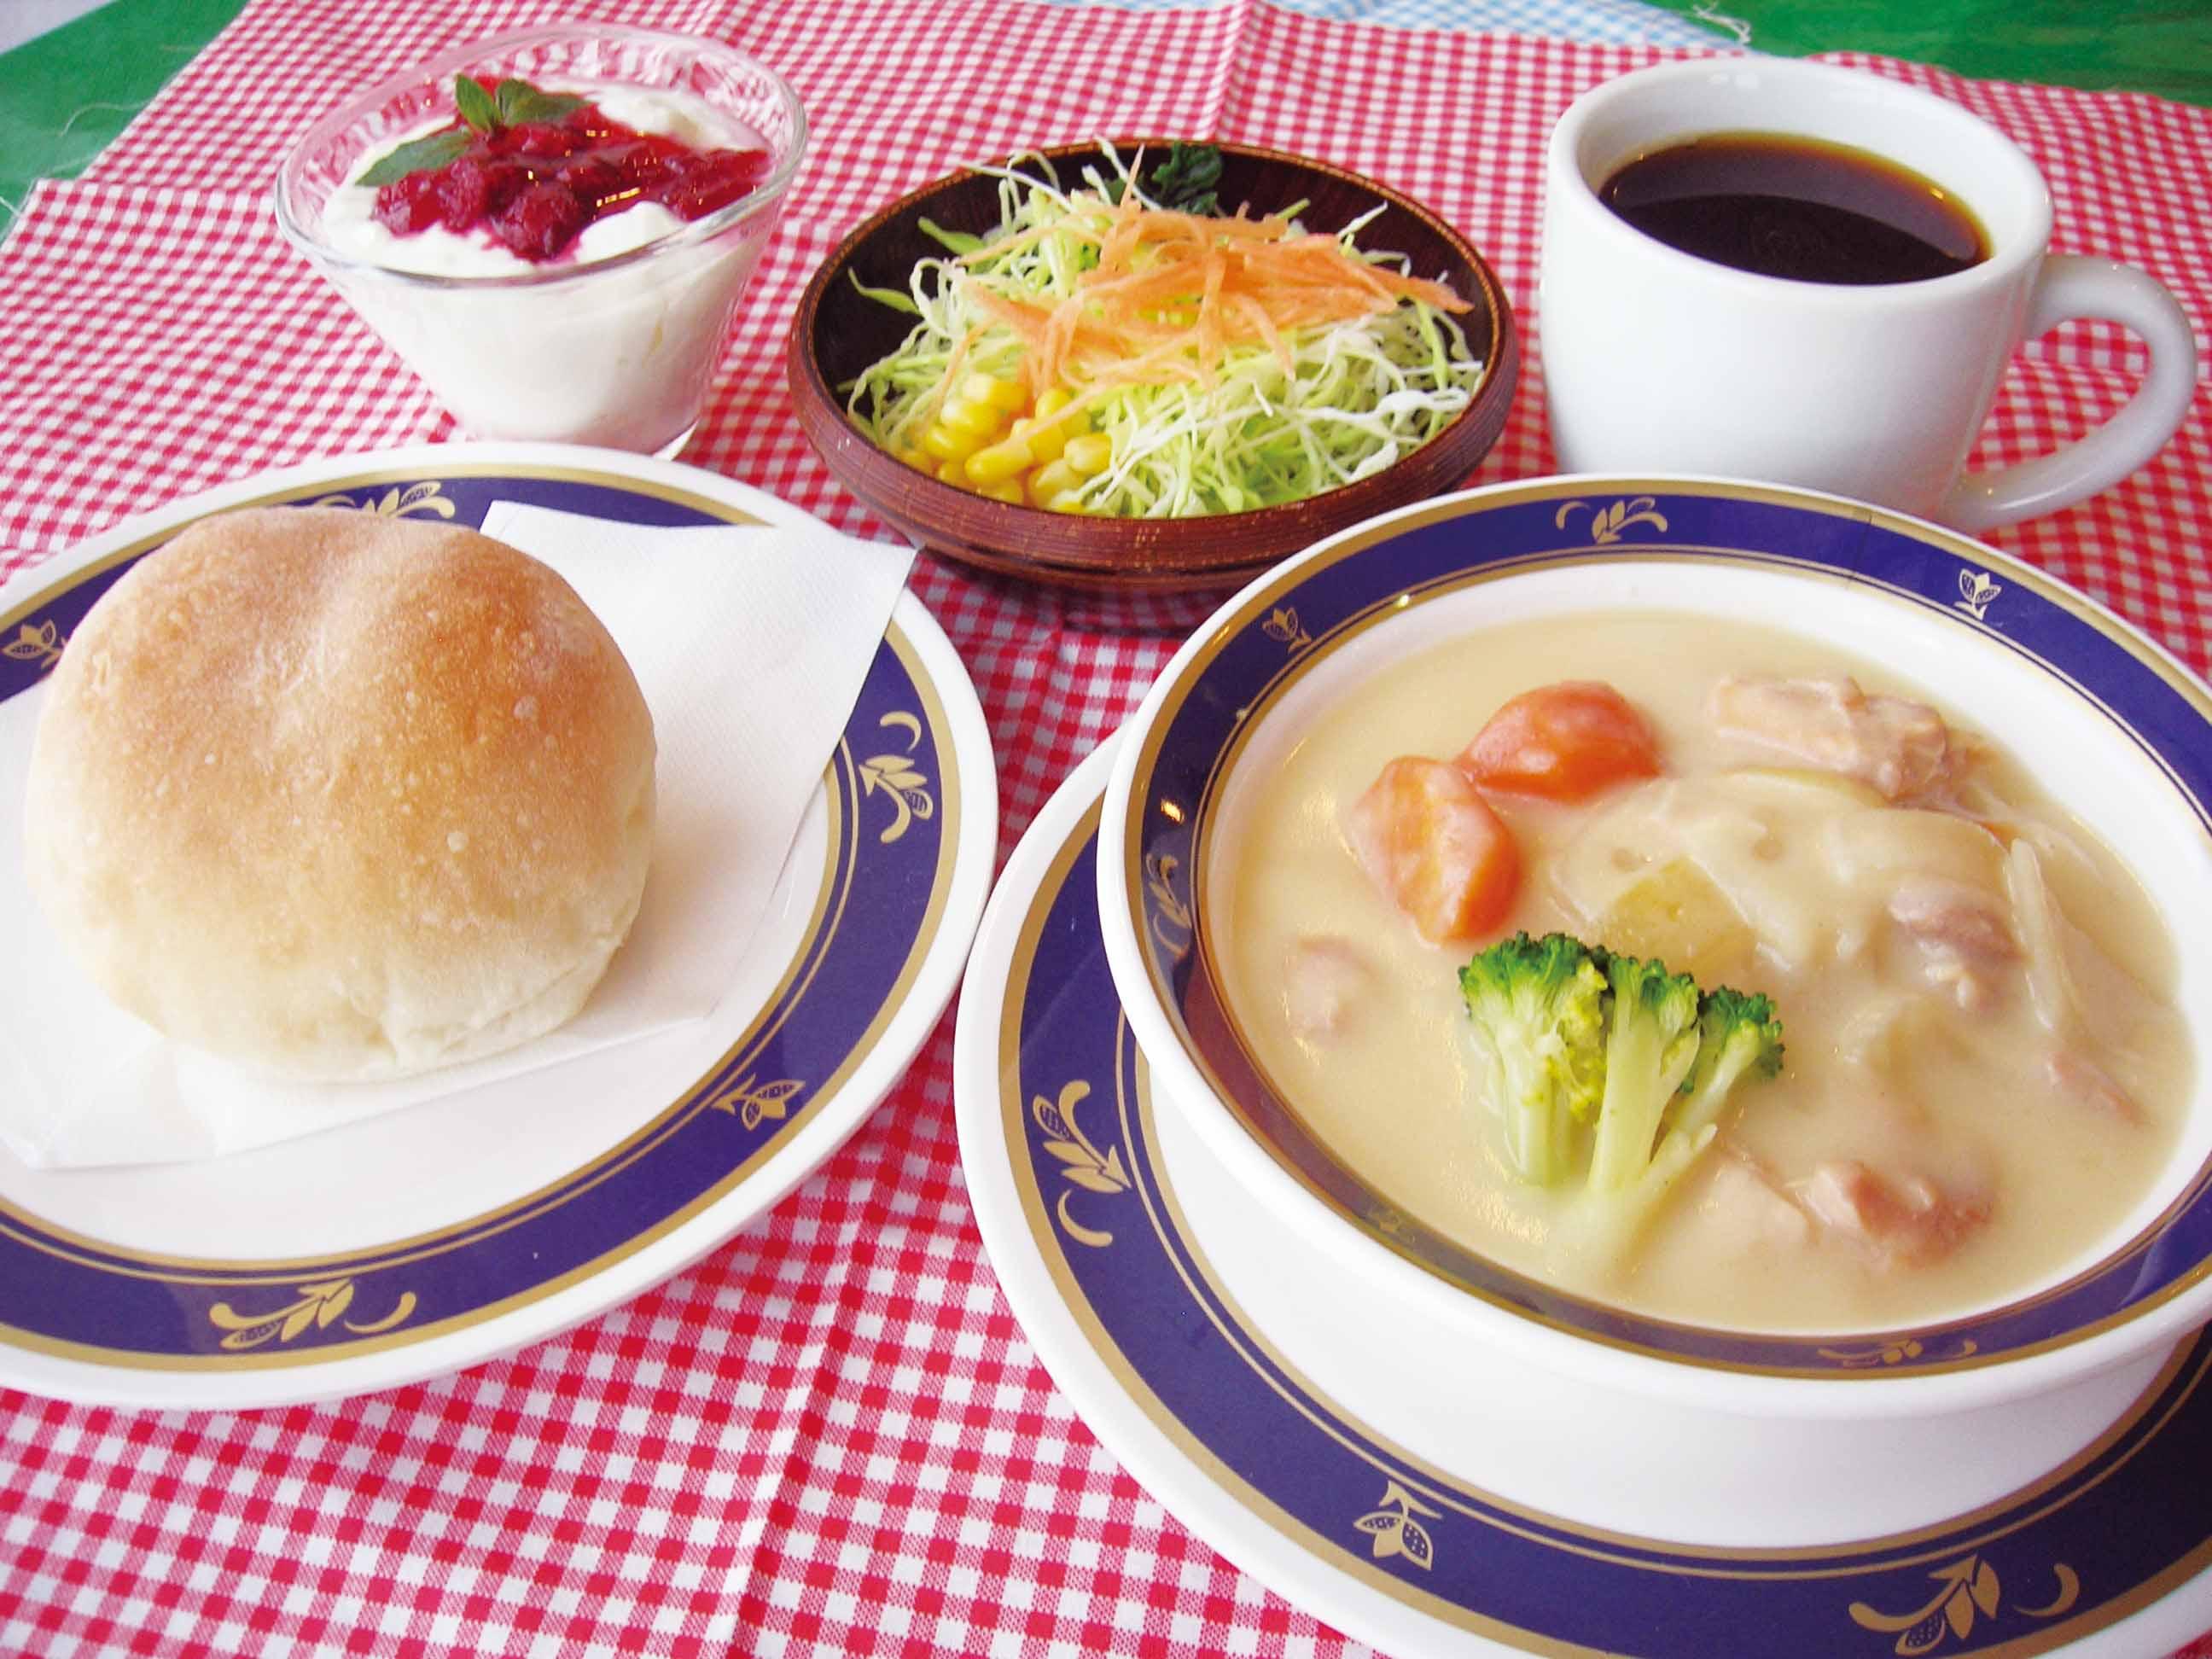 高原奶油炖菜套餐